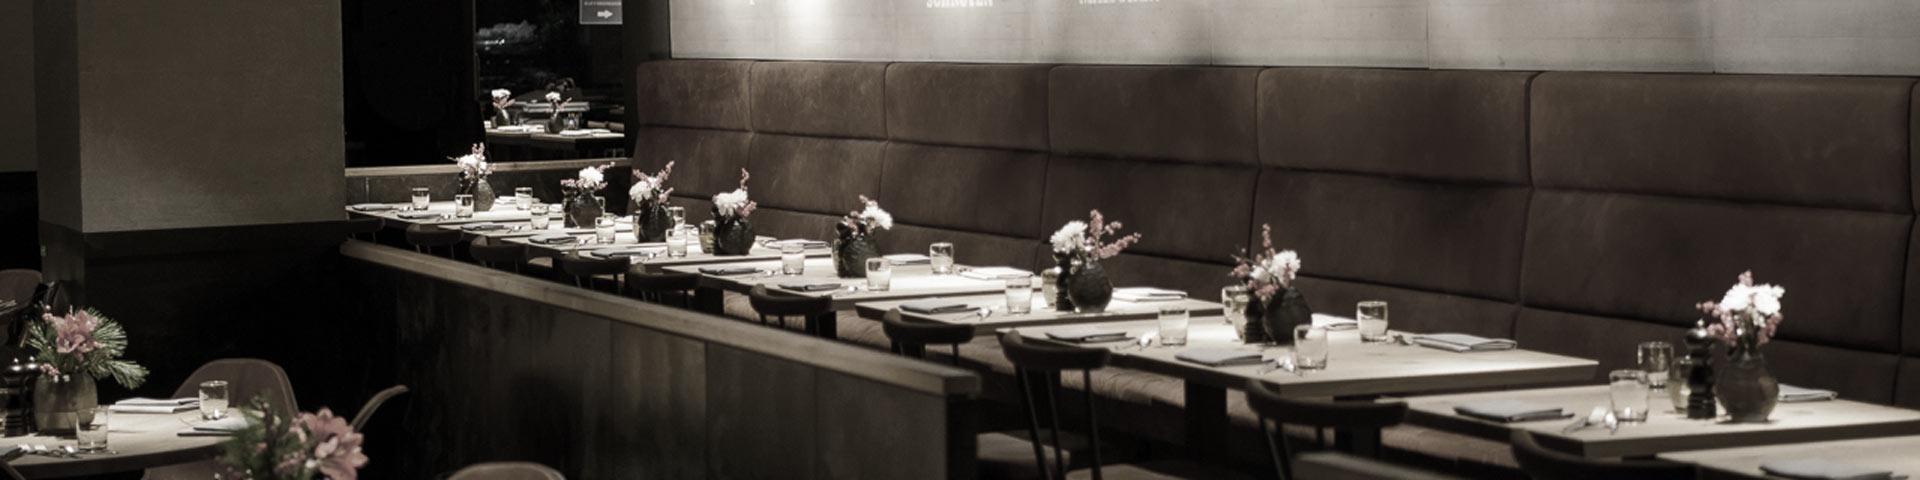 Hamburger Immobiliennacht in der Elbphilharmonie